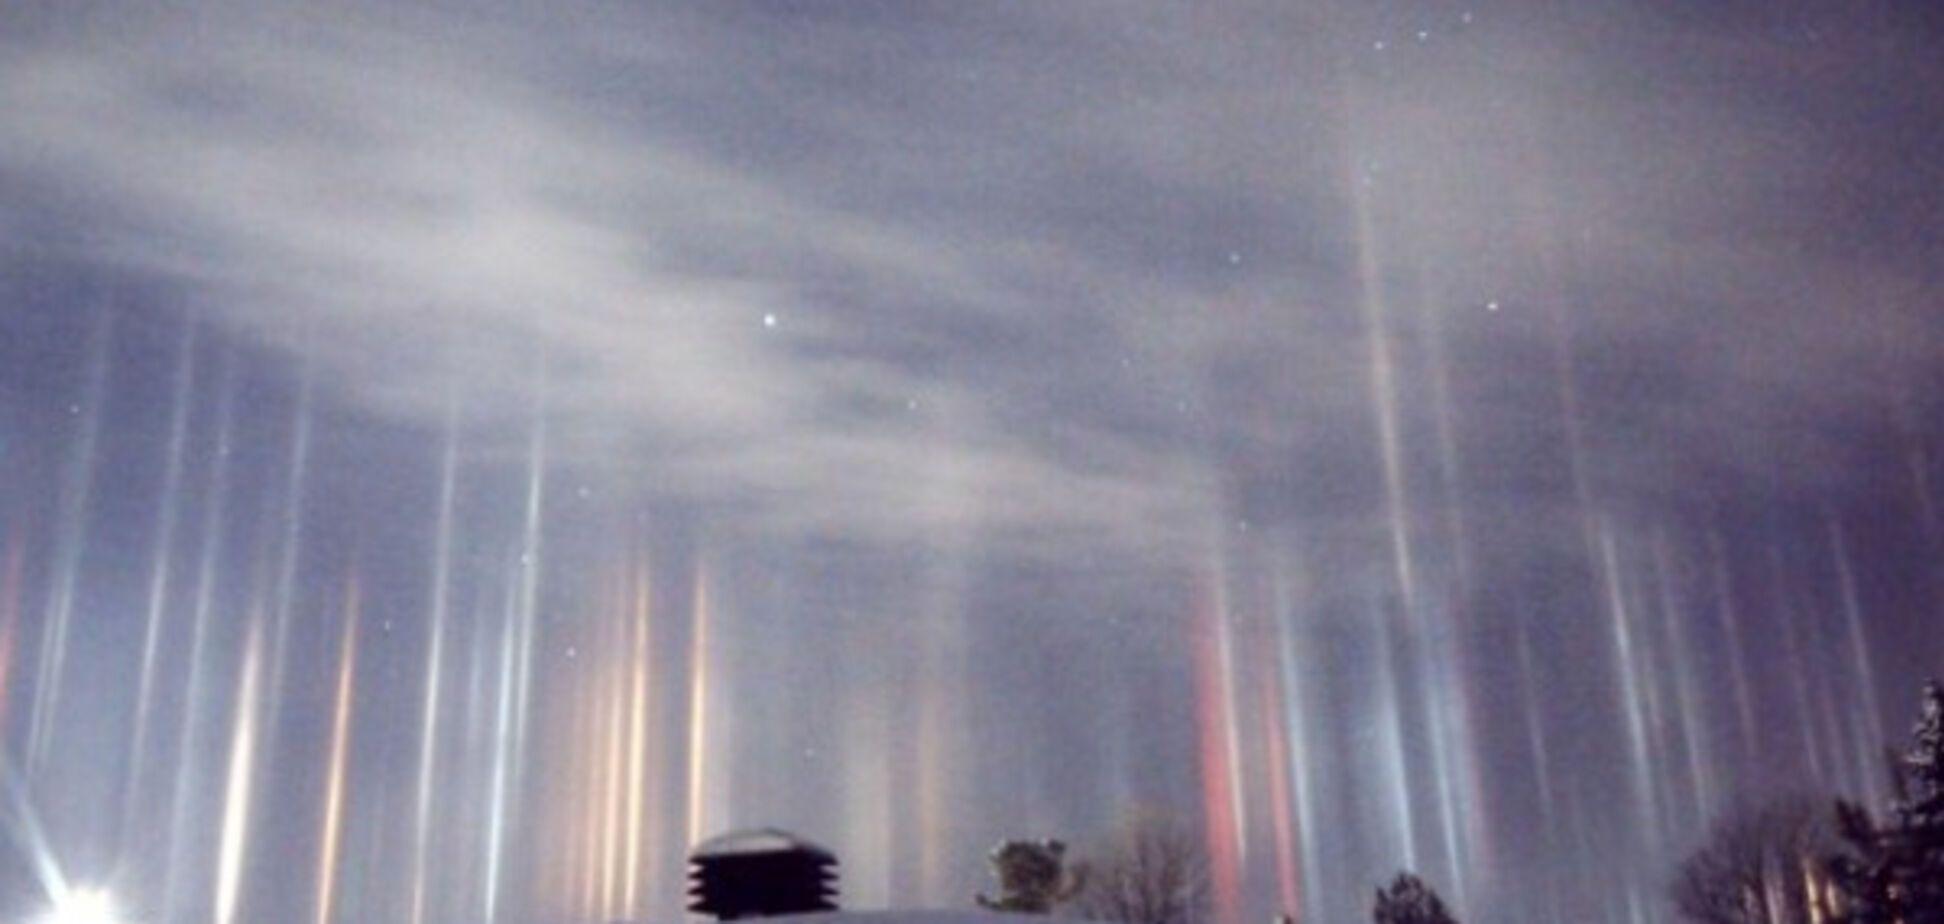 Неземная красота: в Канаде засняли мистические световые столбы